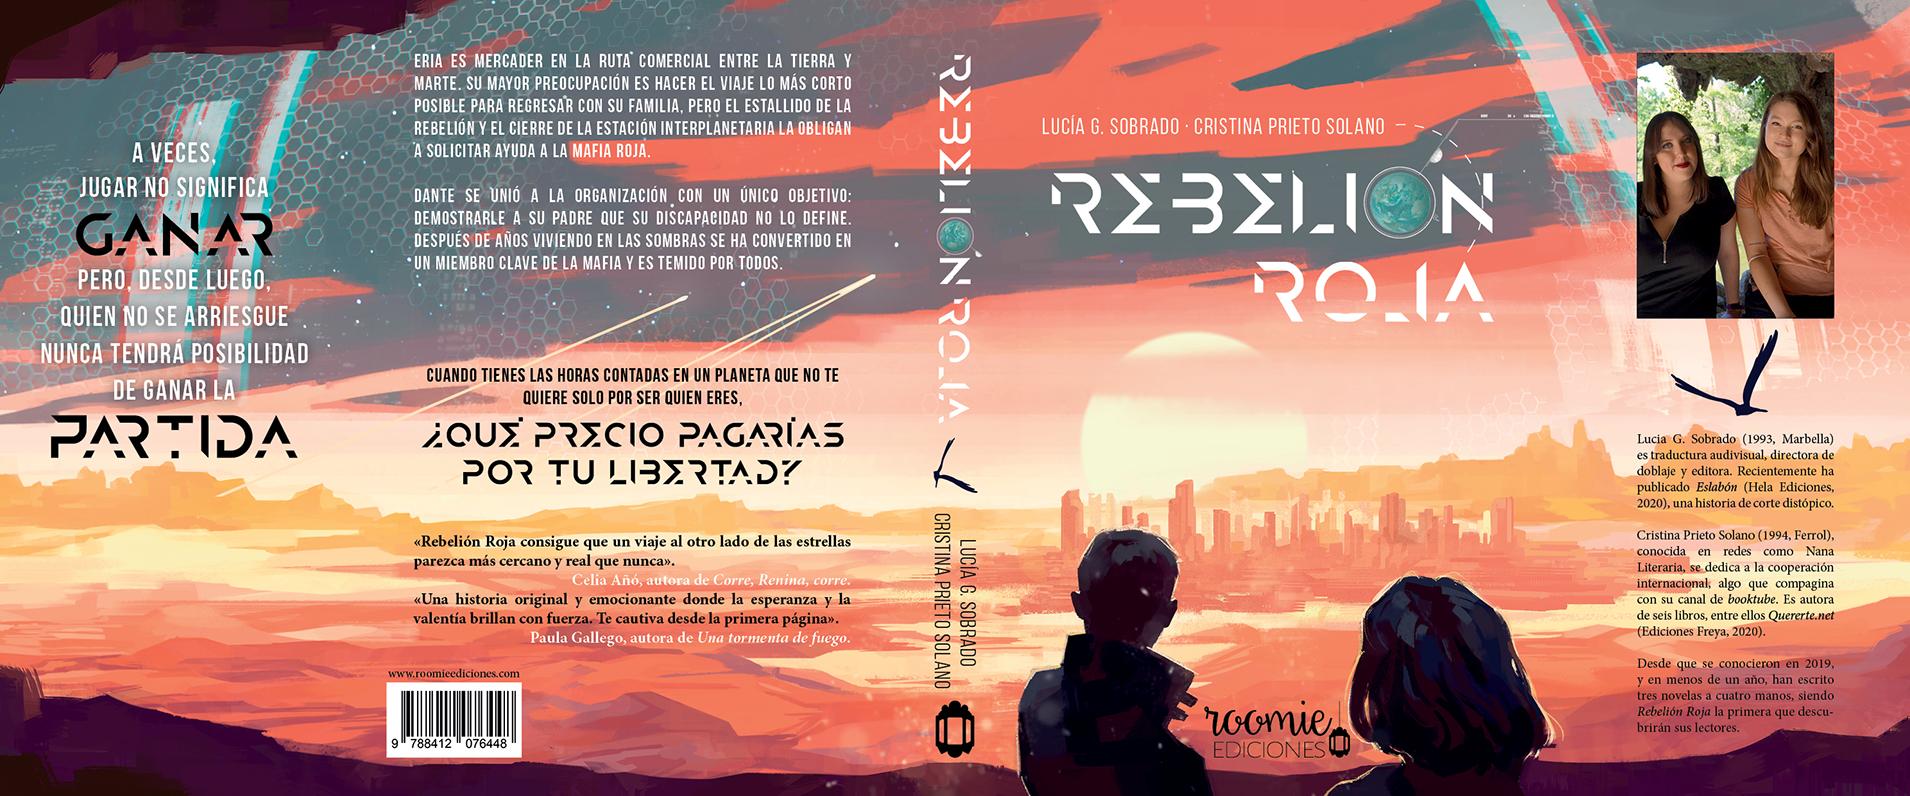 Cubierta completa de Rebelión Roja. Se puede ver el horizonte en un paisaje anaranjado. El sol sale e ilumina la ciudad. En el cielo se lee «Rebelión Roja» entre las nubes, siendo la «o» de «rebelión» una imagen de la Tierra; y la tilde, la luna creciente. Dos figuras (un chico y una chica) contemplan la escena de espaldas al lector.